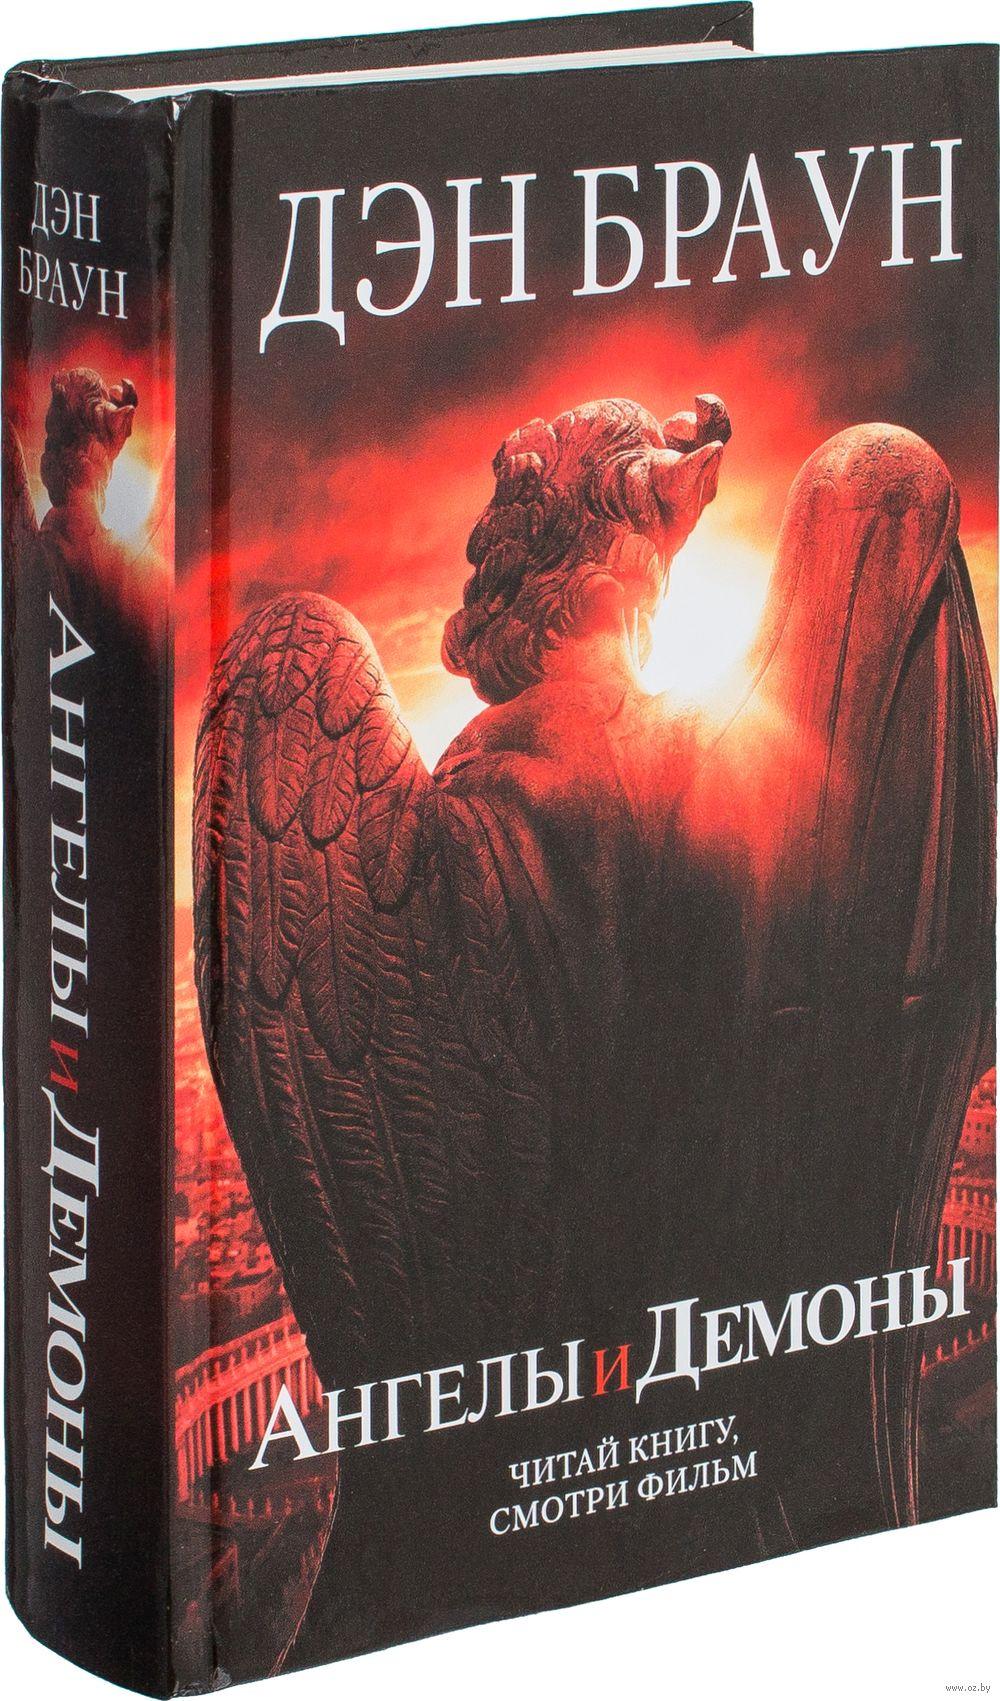 Дэн браун ангелы и демоны книга скачать